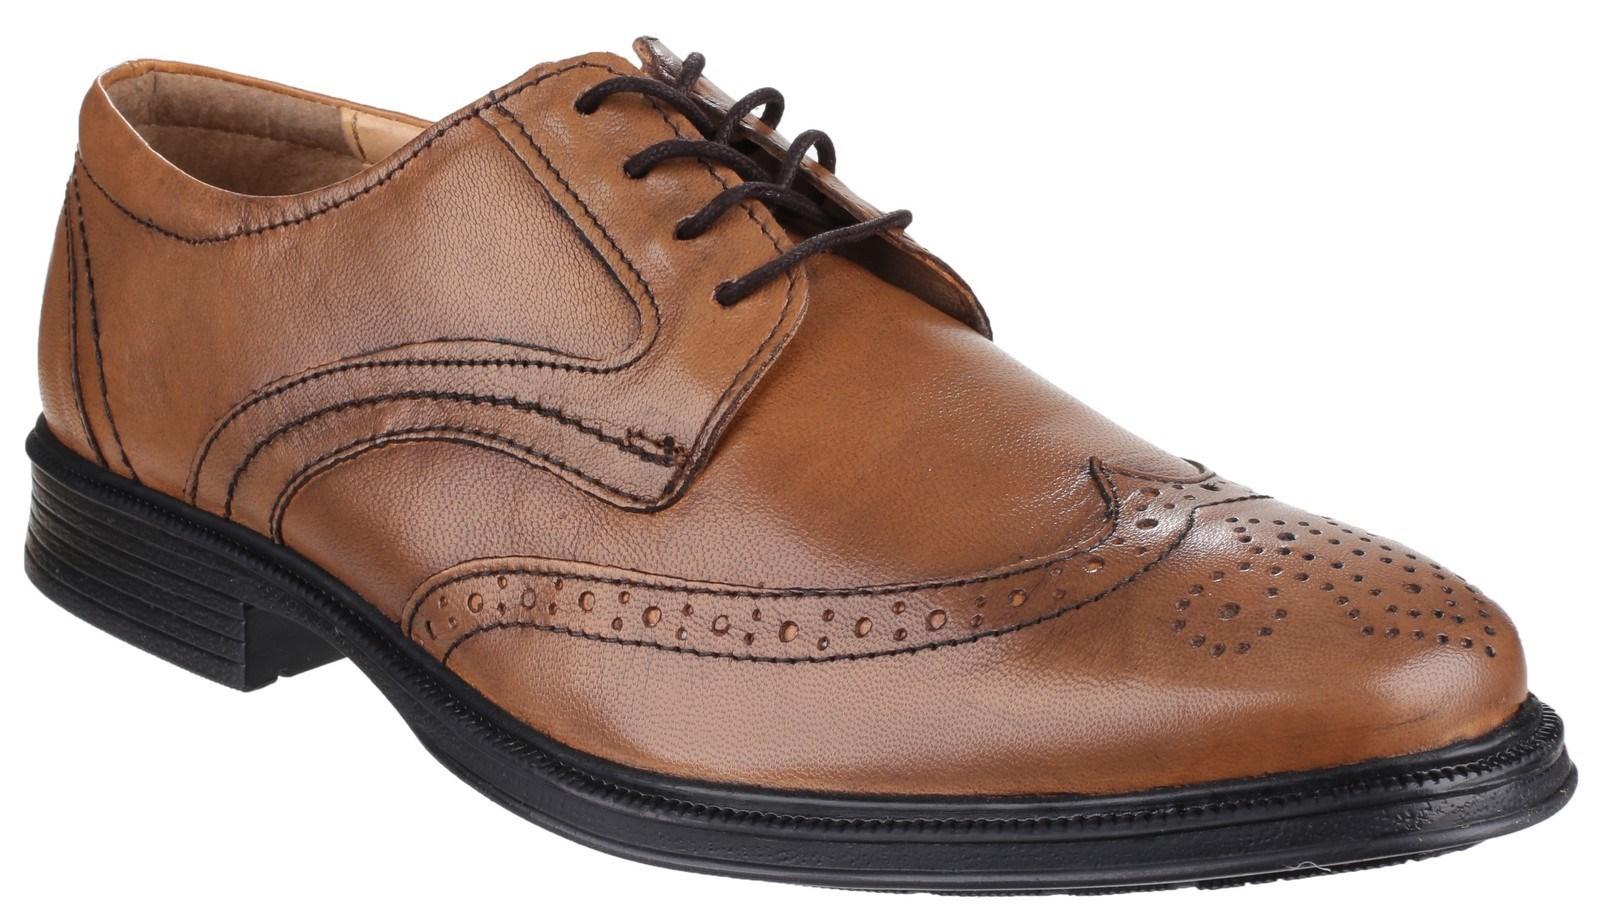 96ed68628ecd Cotswold Herren Luxembourg Schnürer Premium Leder Oxford Schuh braun ...